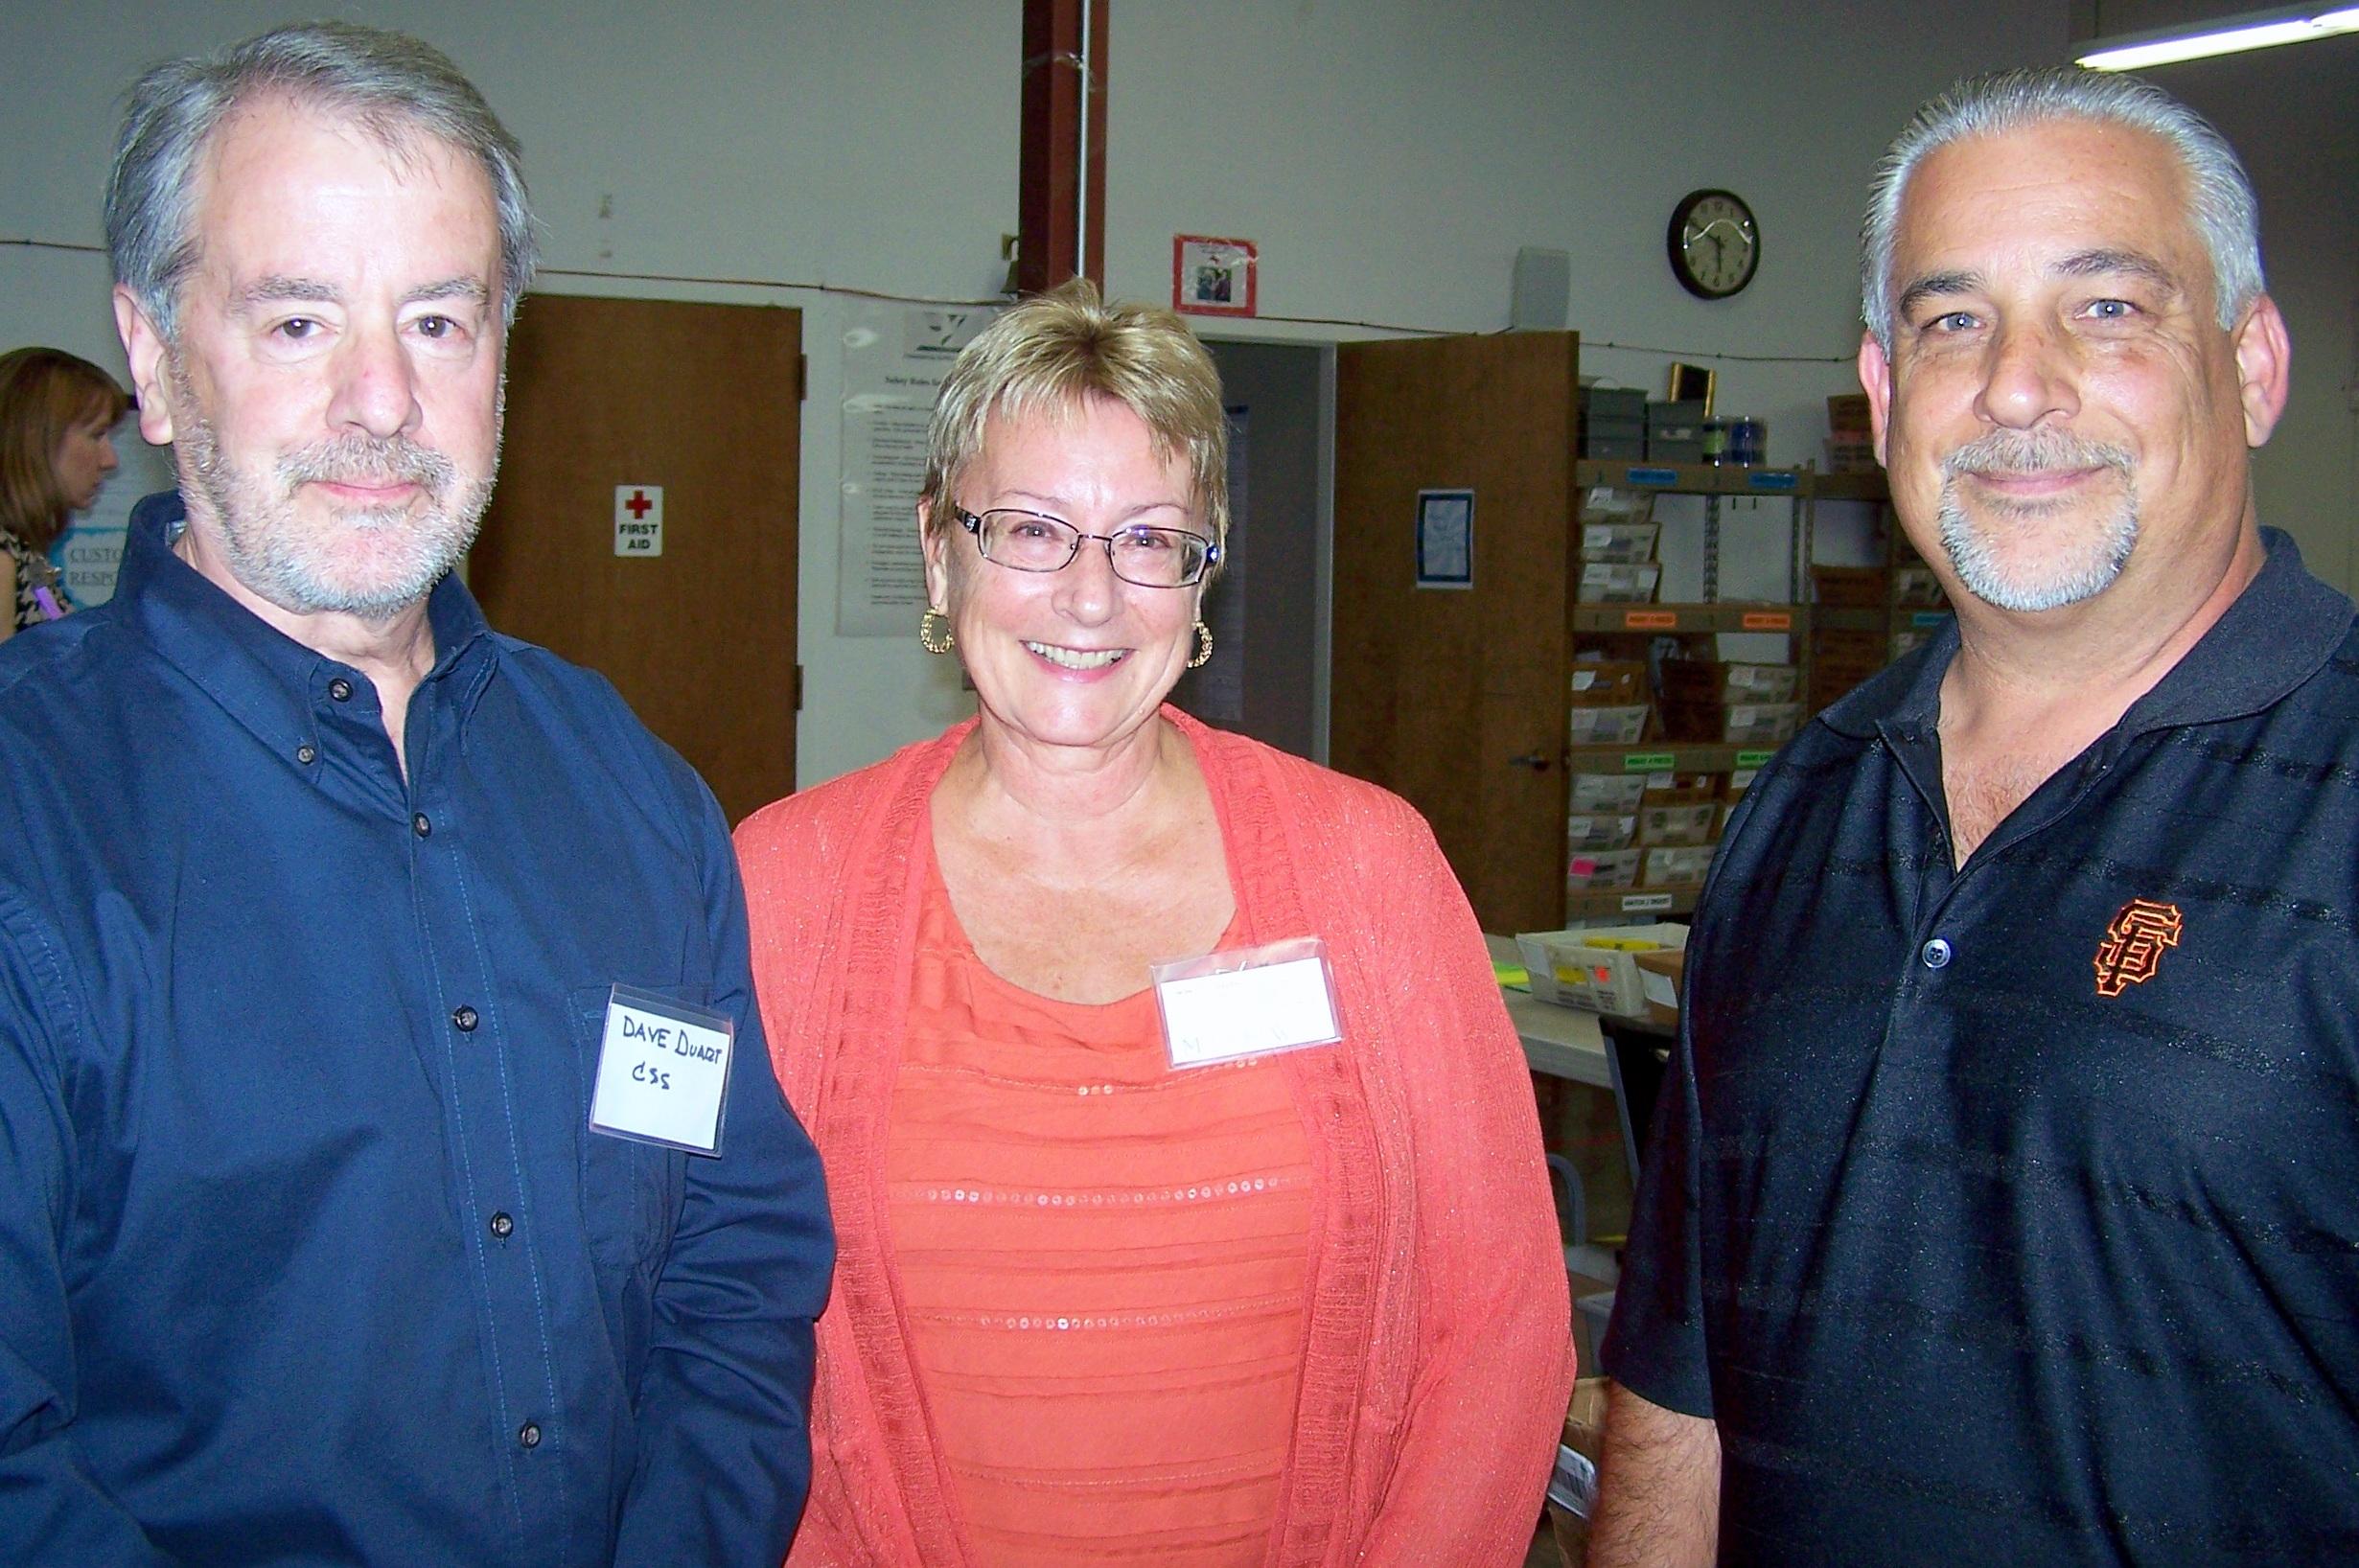 Dave, Monica & Robert Concord Mixer 9-13